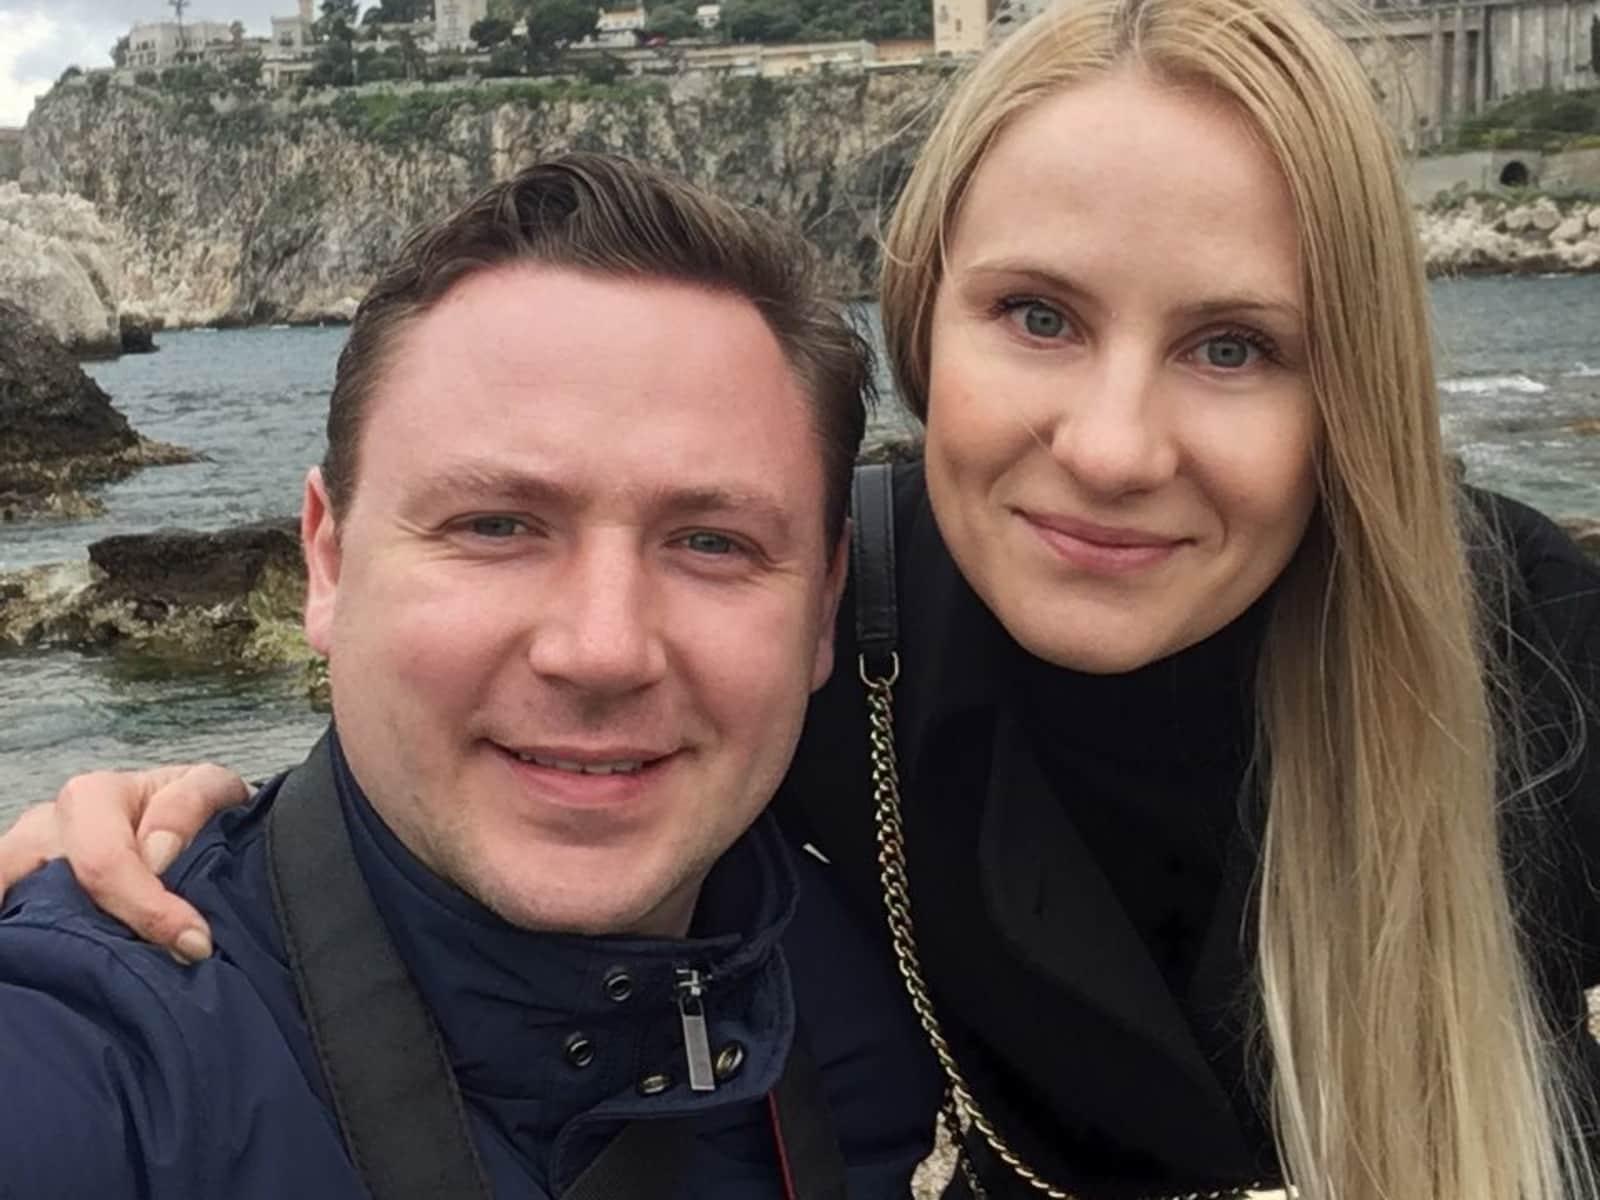 Iuliia & Maksym from Kraków, Poland